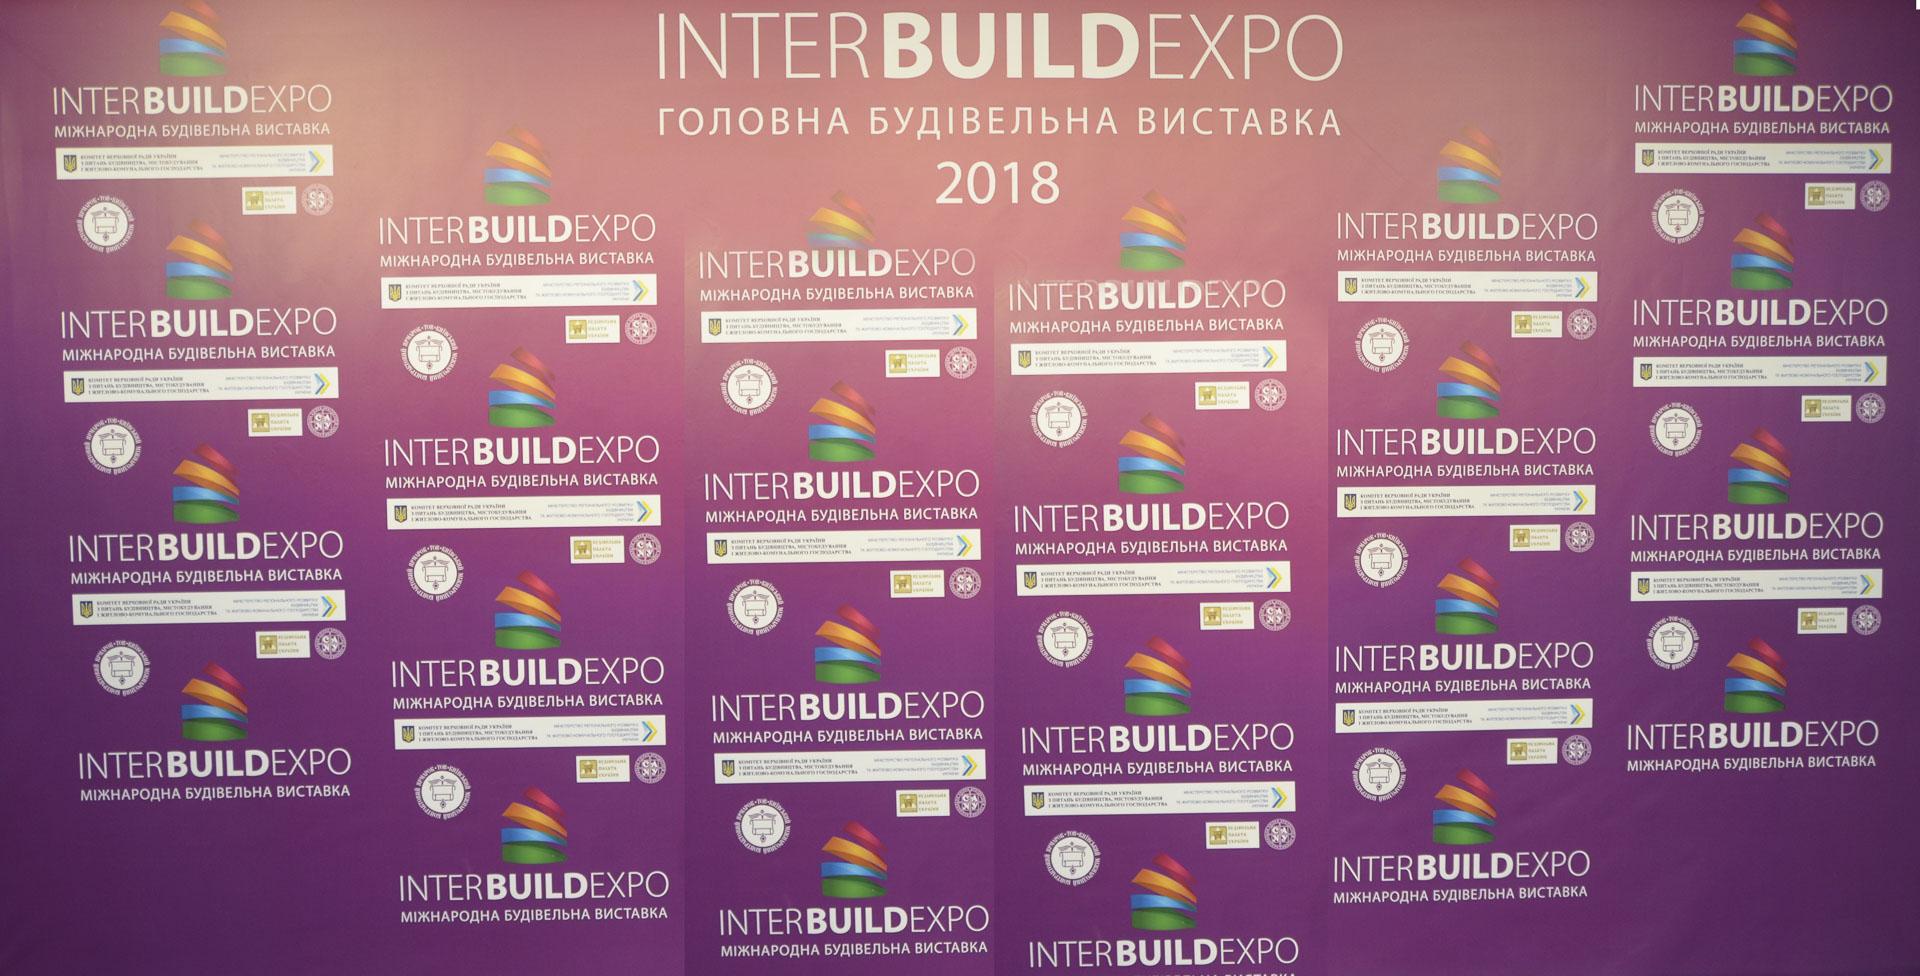 Targi InterBuildExpo 2018 Kijów